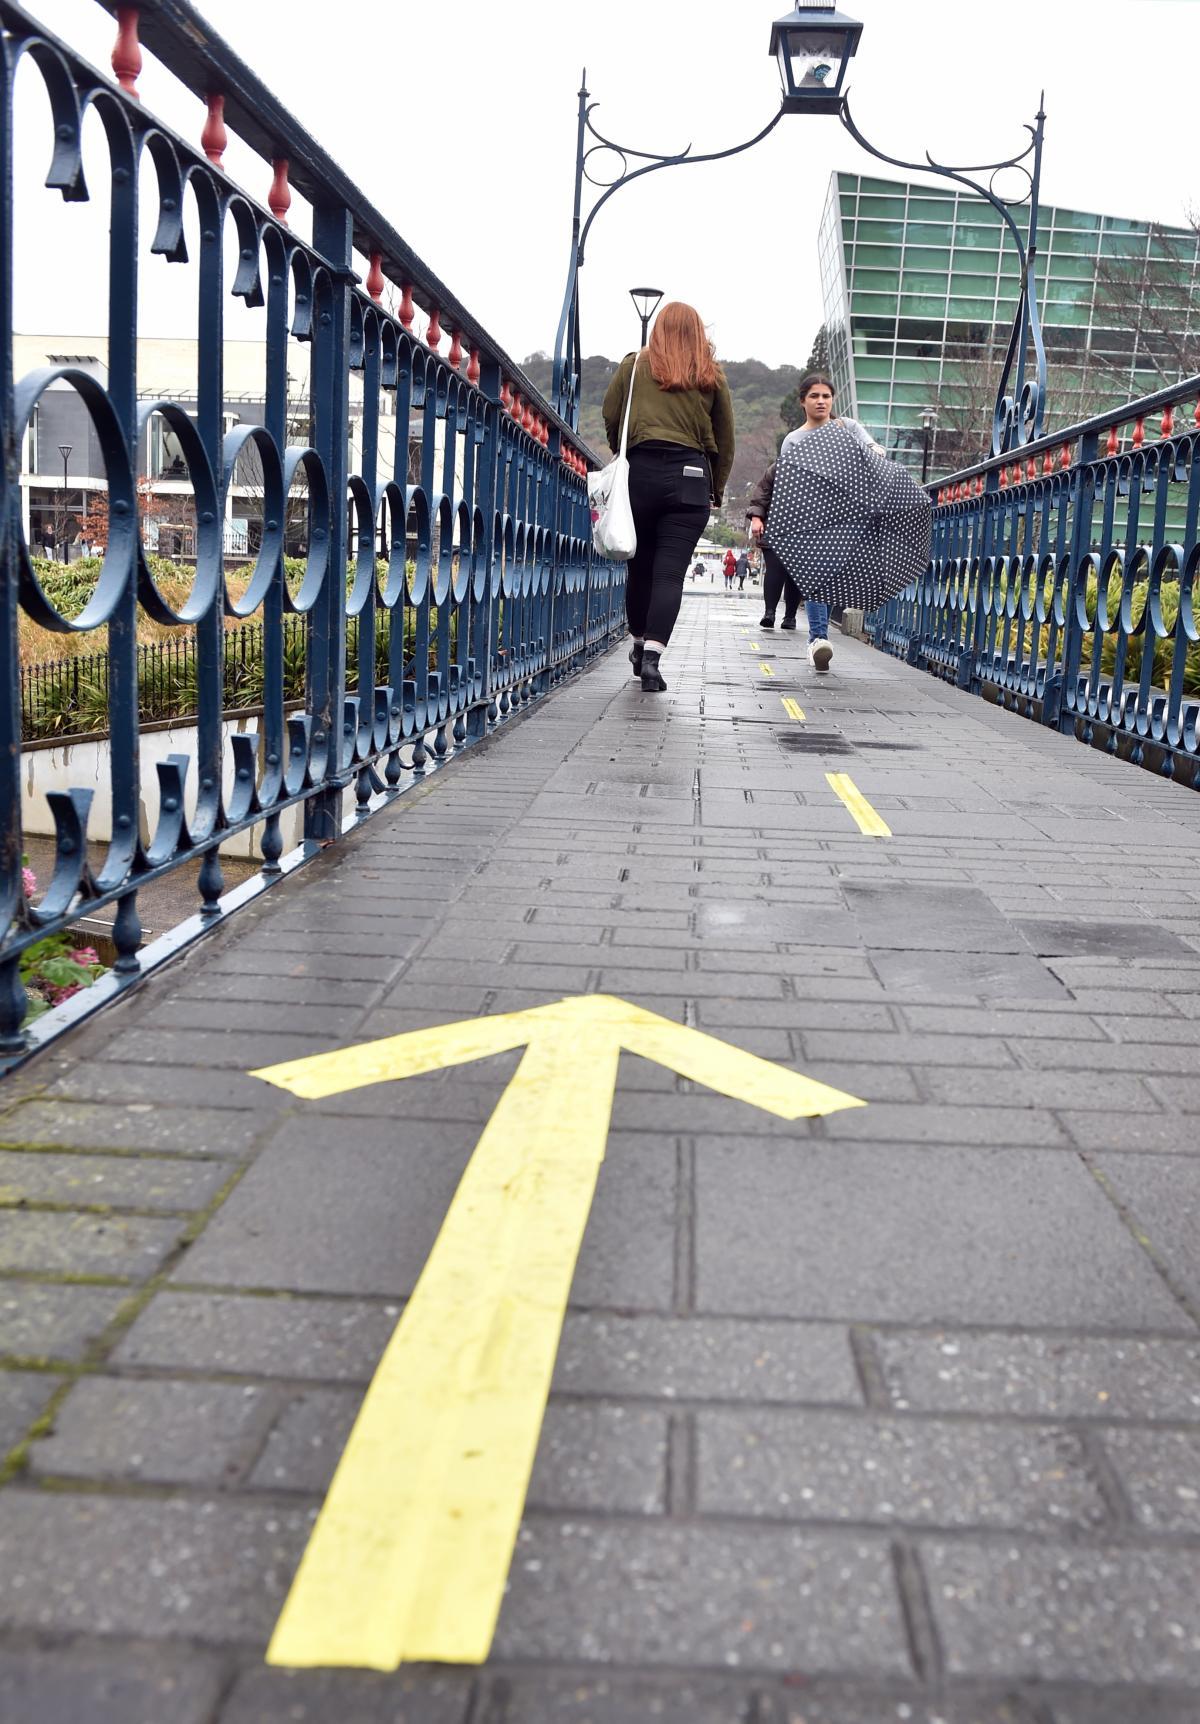 New bridge arrows part of psychology experiment   Otago